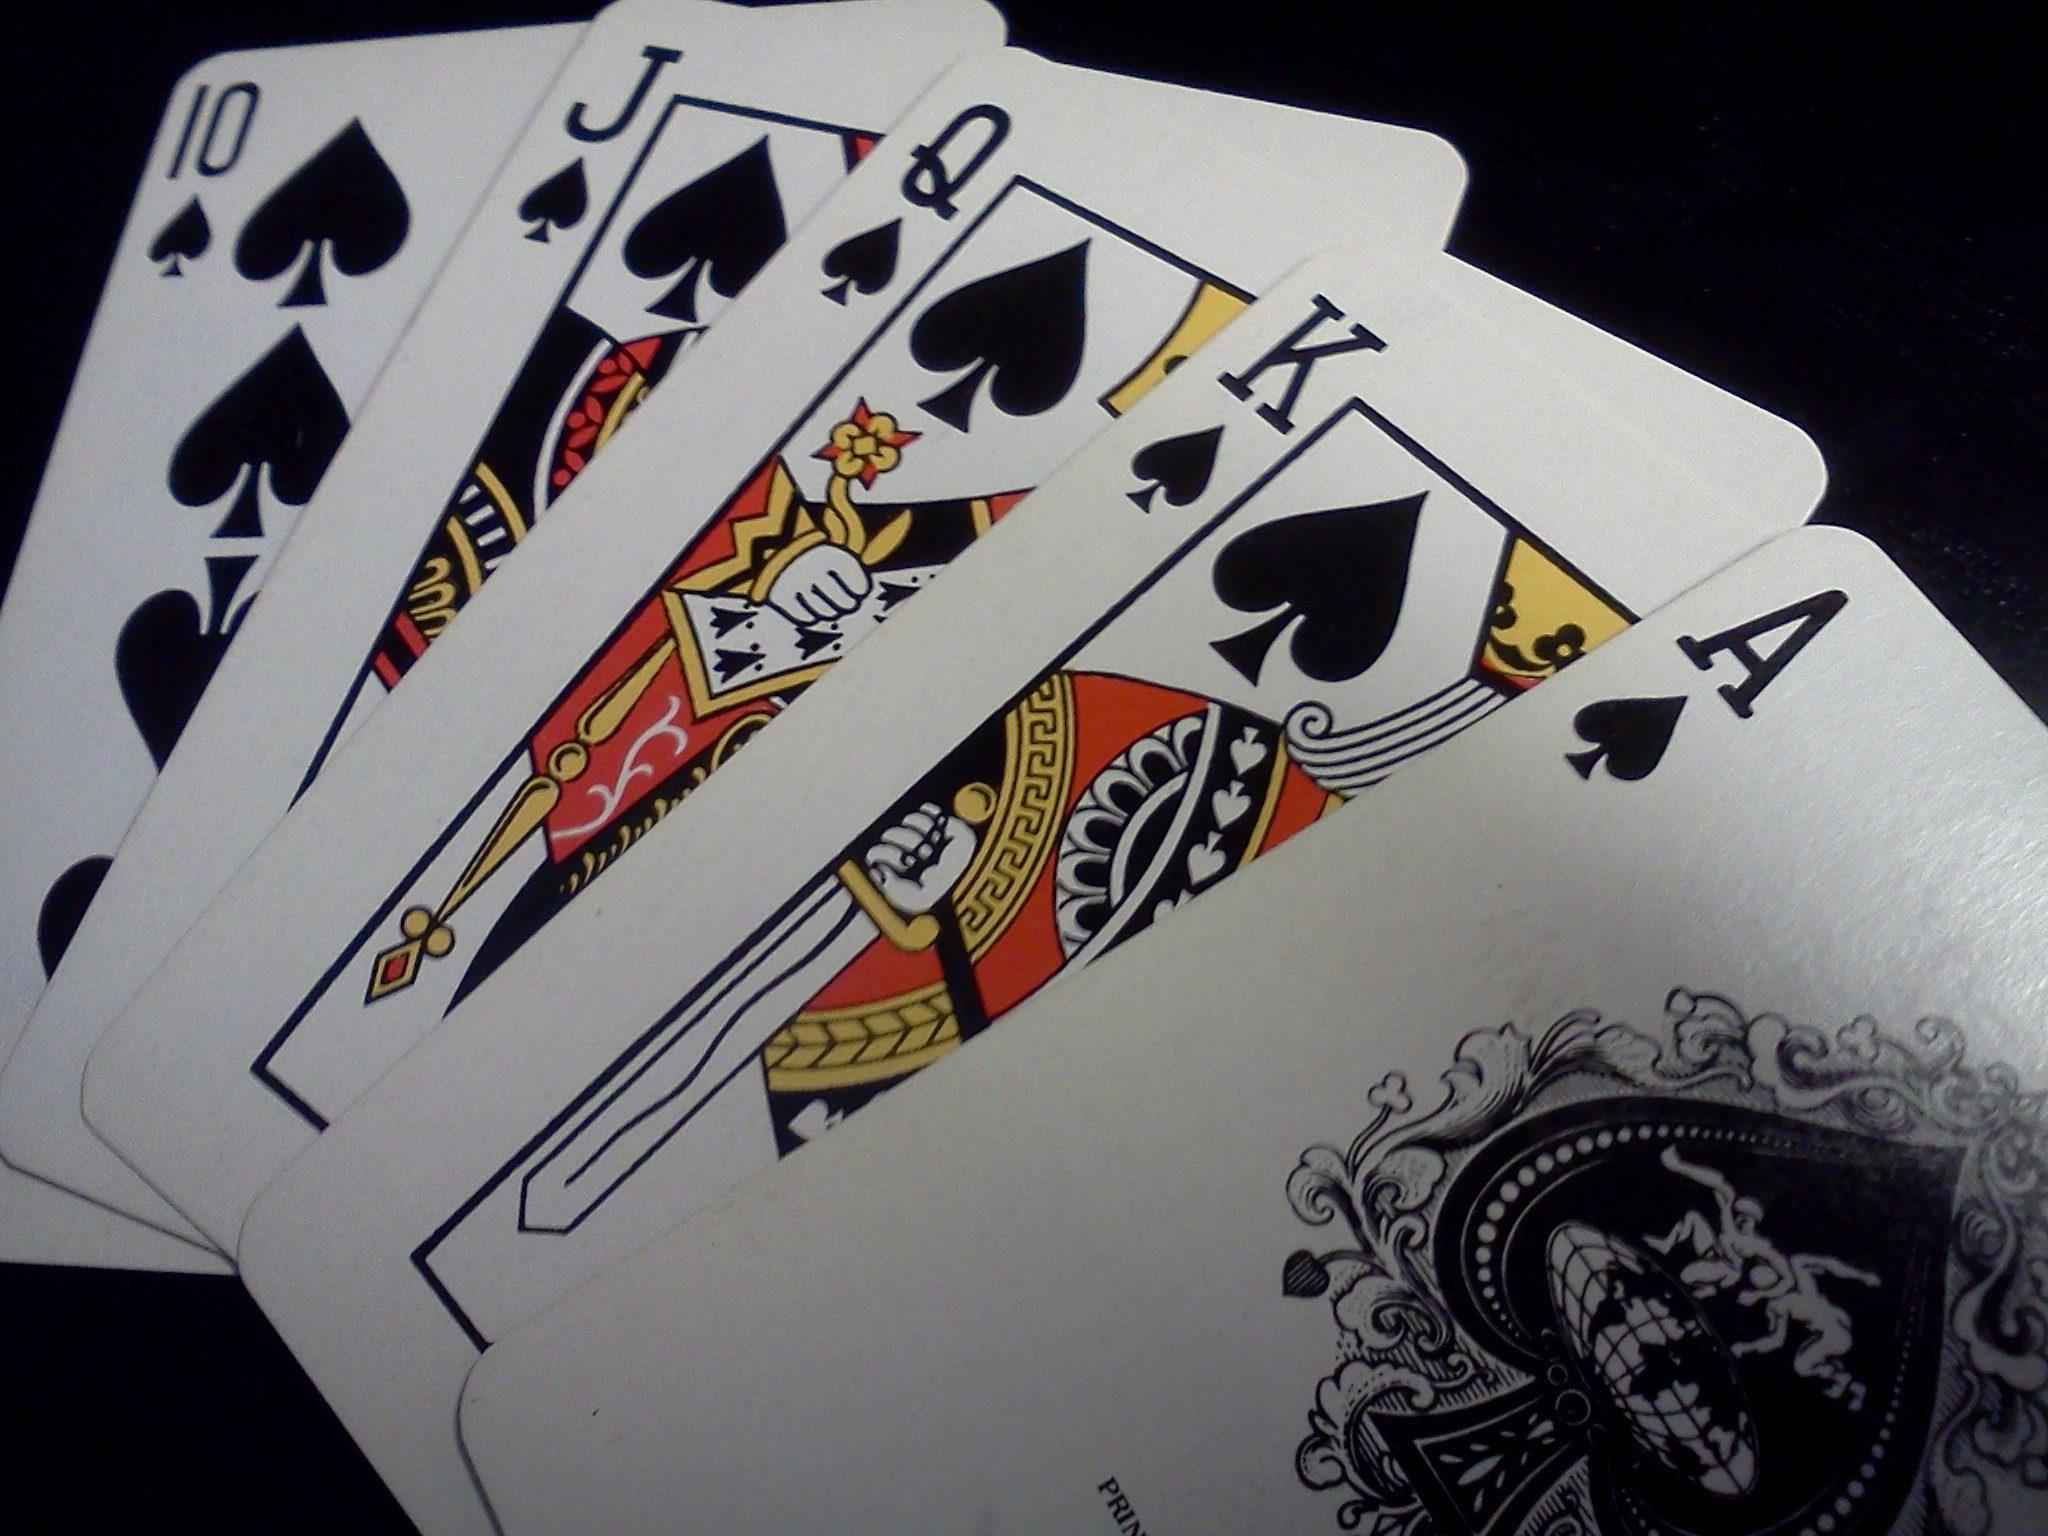 dafabet video poker